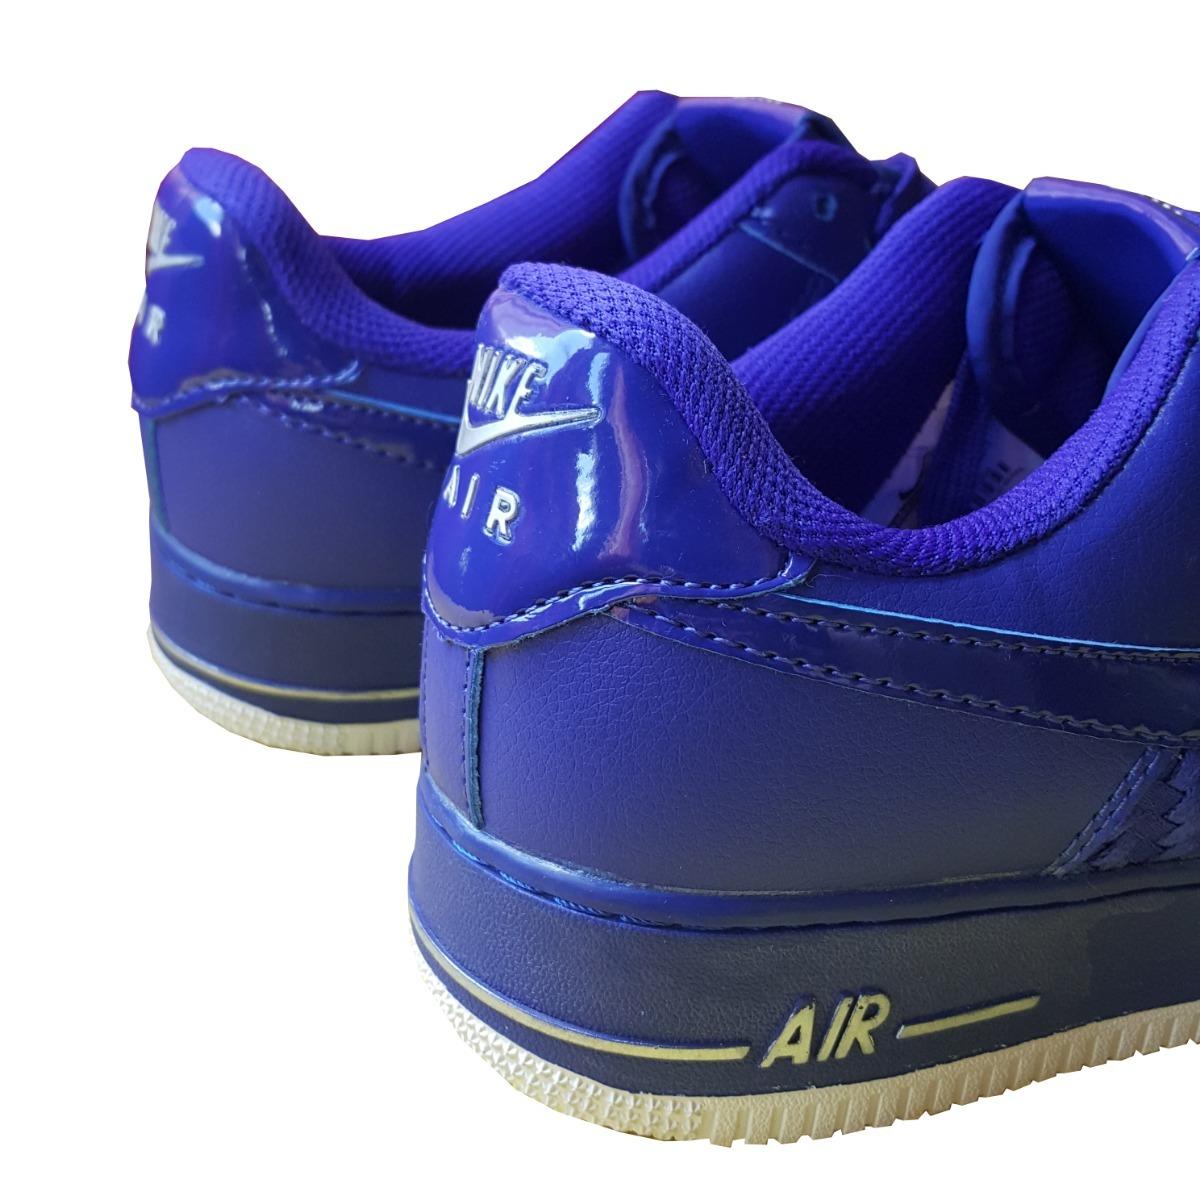 a0c1e049d2 Cargando zoom... zapatillas nike airforce 1 azul 2018 hombre premium